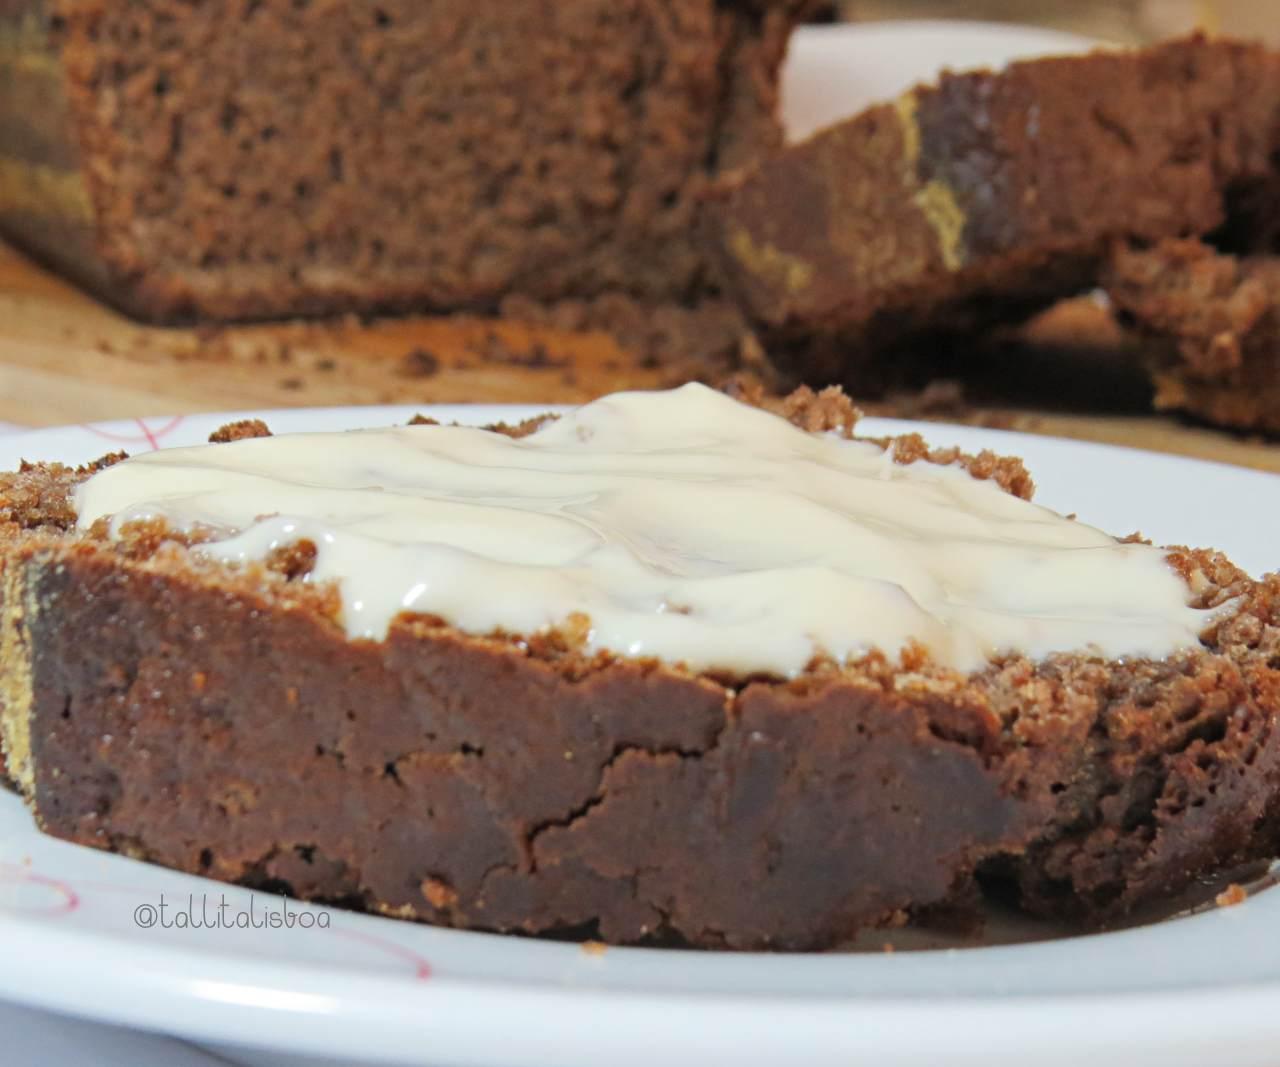 bolo de chocolate com cobertura iogurte e baunilha para 2 pessoas